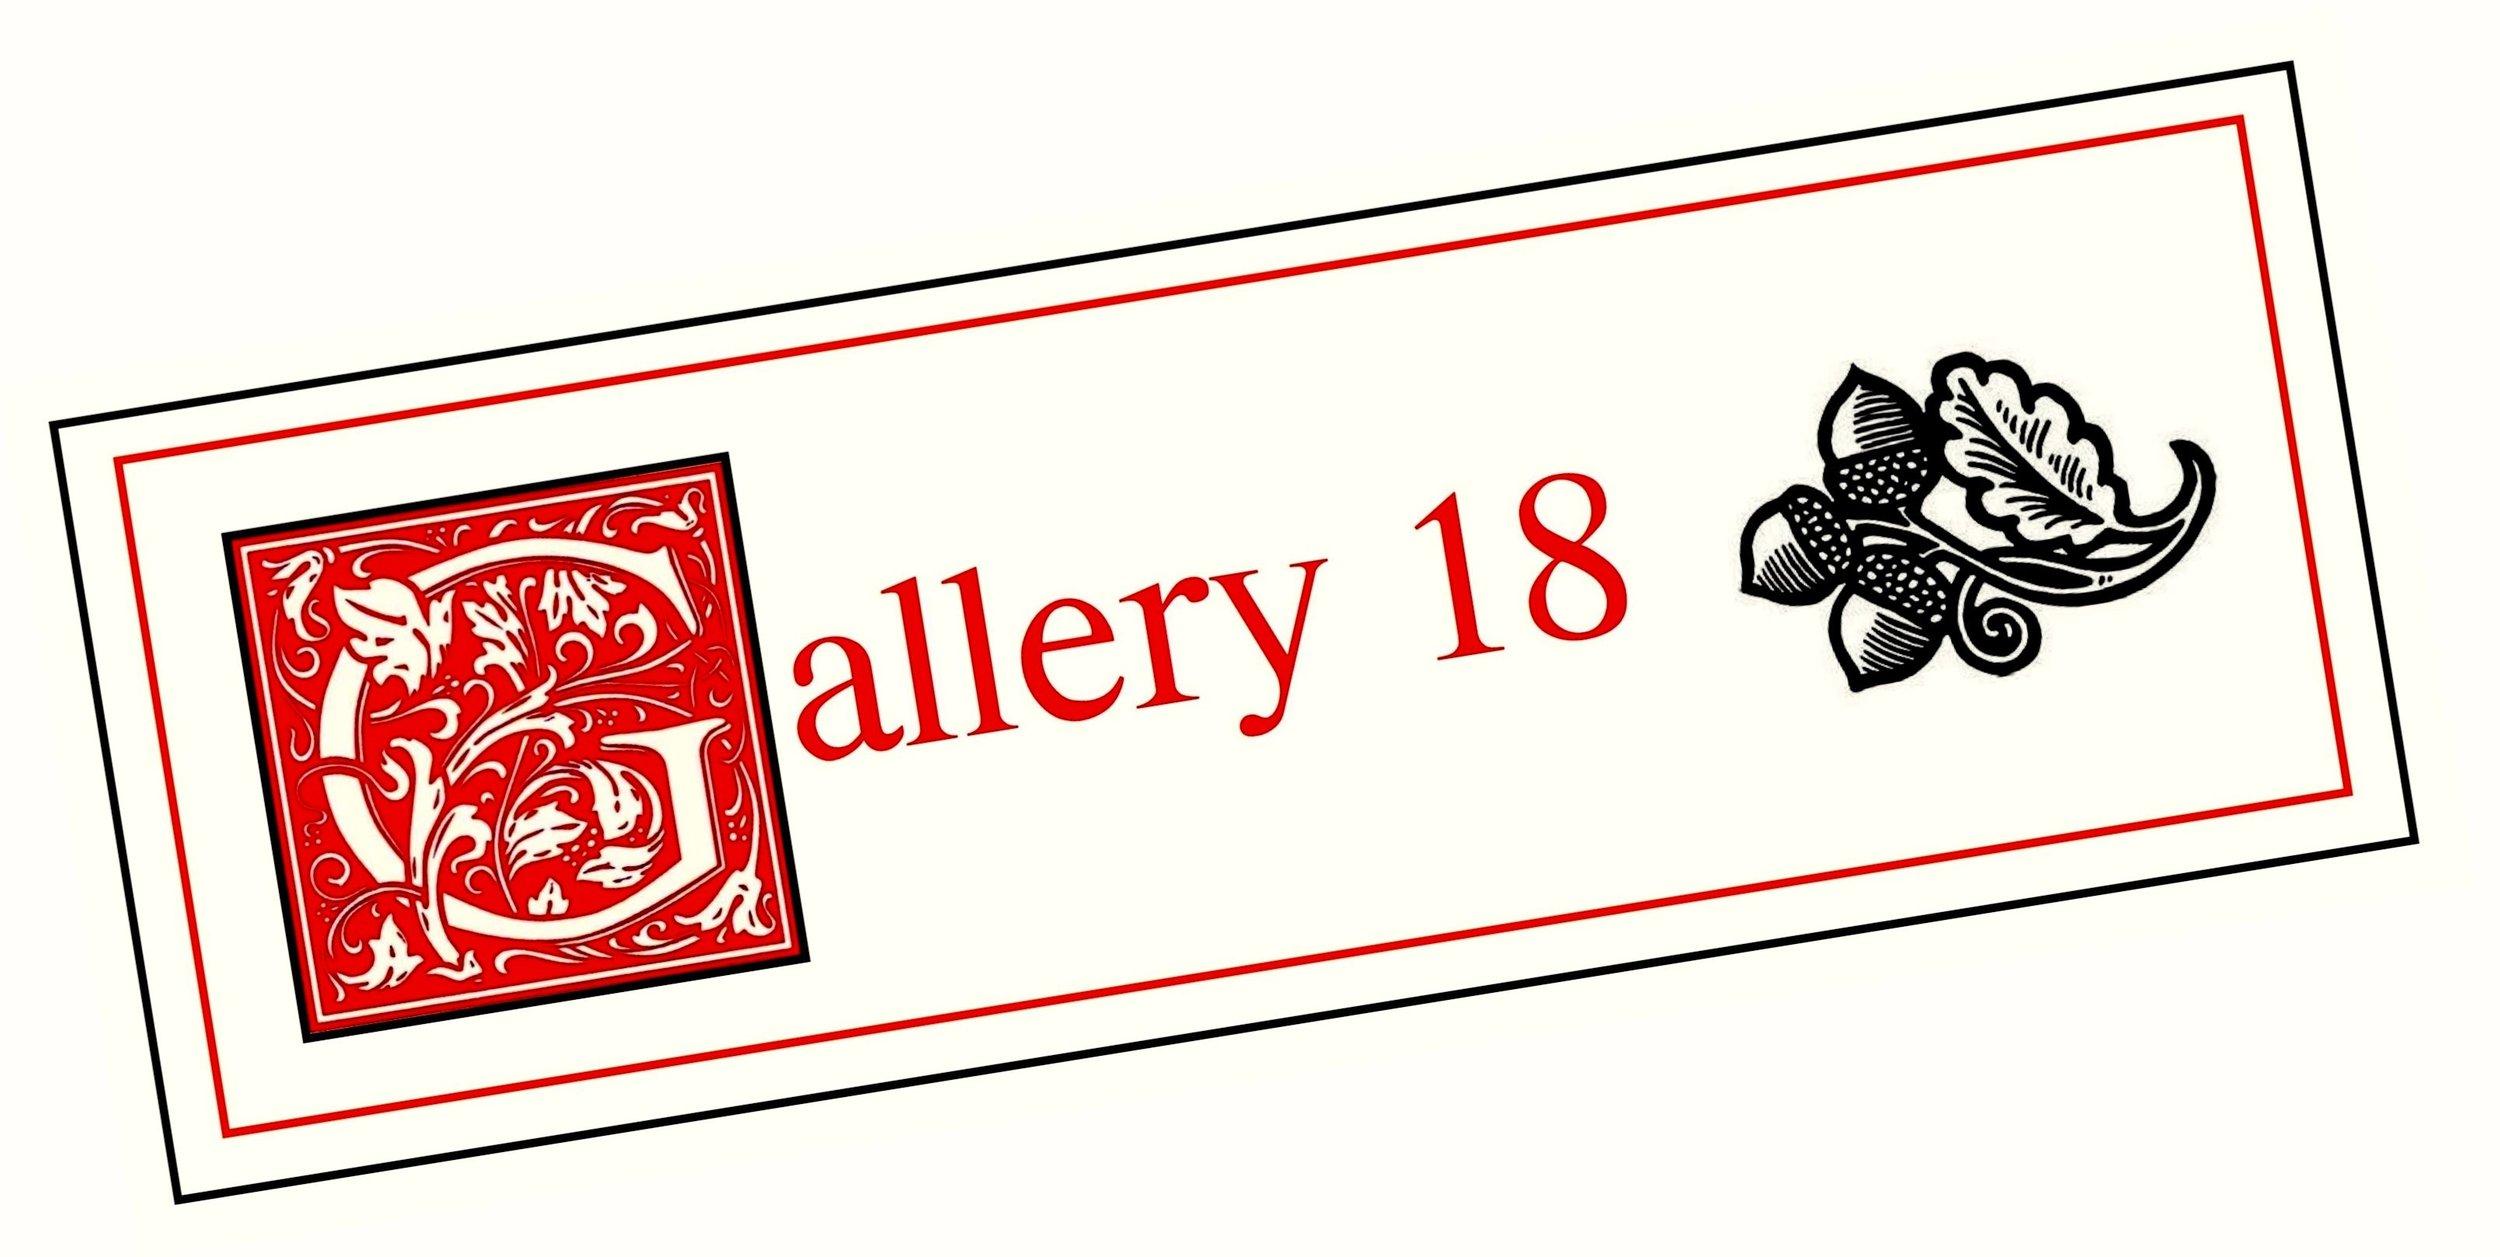 Gallery18LogoTilt2018.jpg